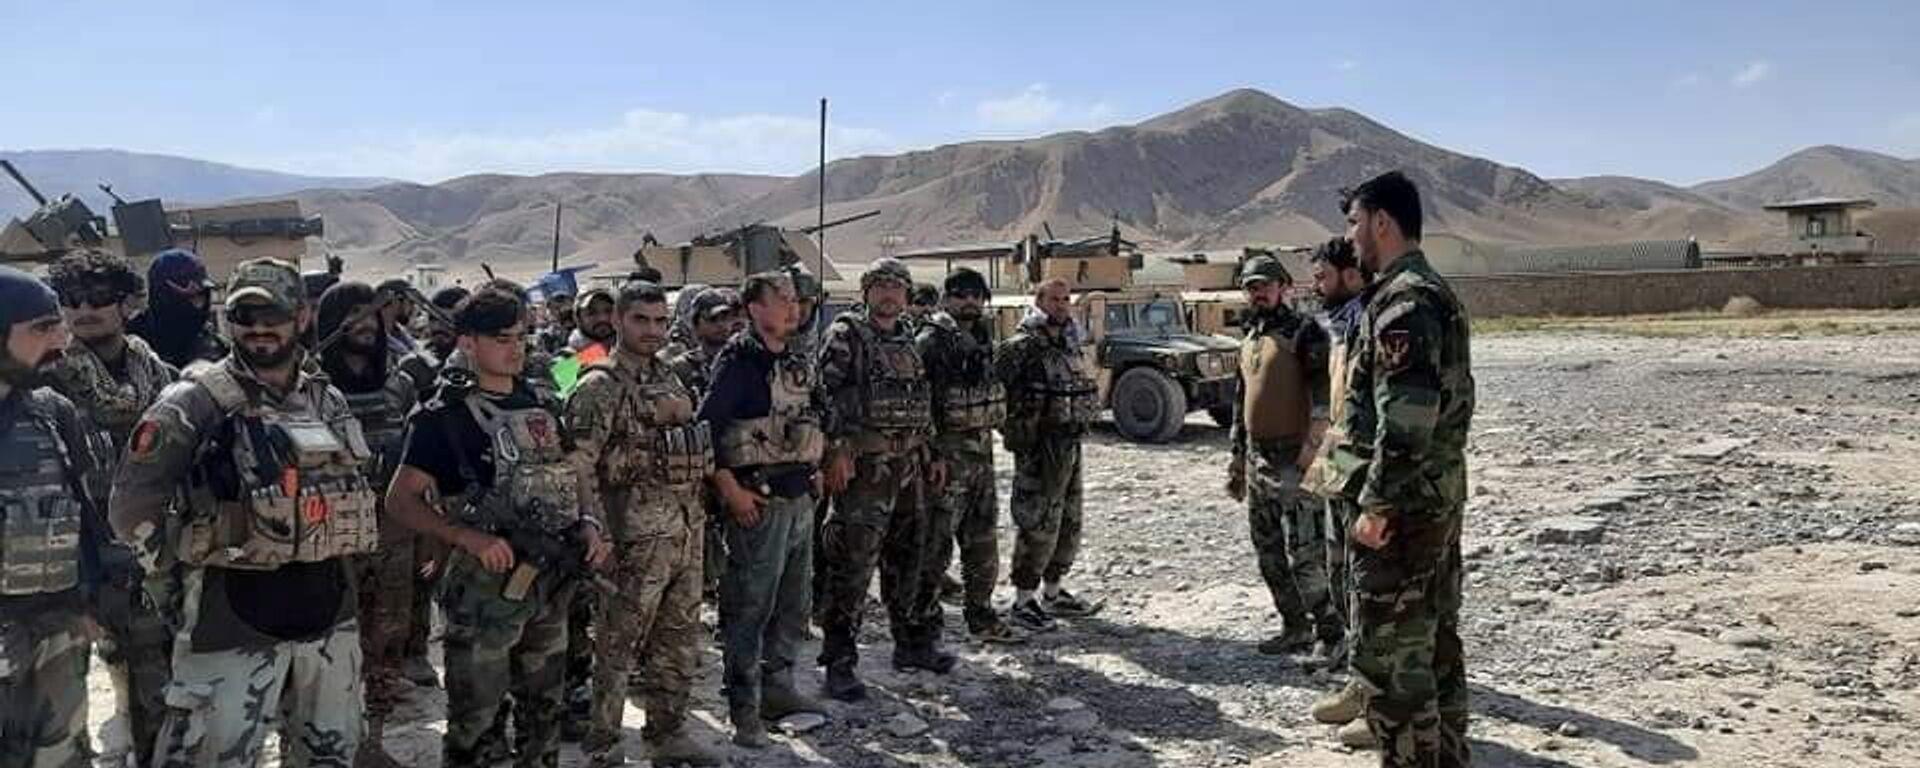 Авганистански командоси као подршка безбедносних снага у Фаизабаду након што су талибани заузели округе Бадахшана у Авганистану - Sputnik Србија, 1920, 05.07.2021